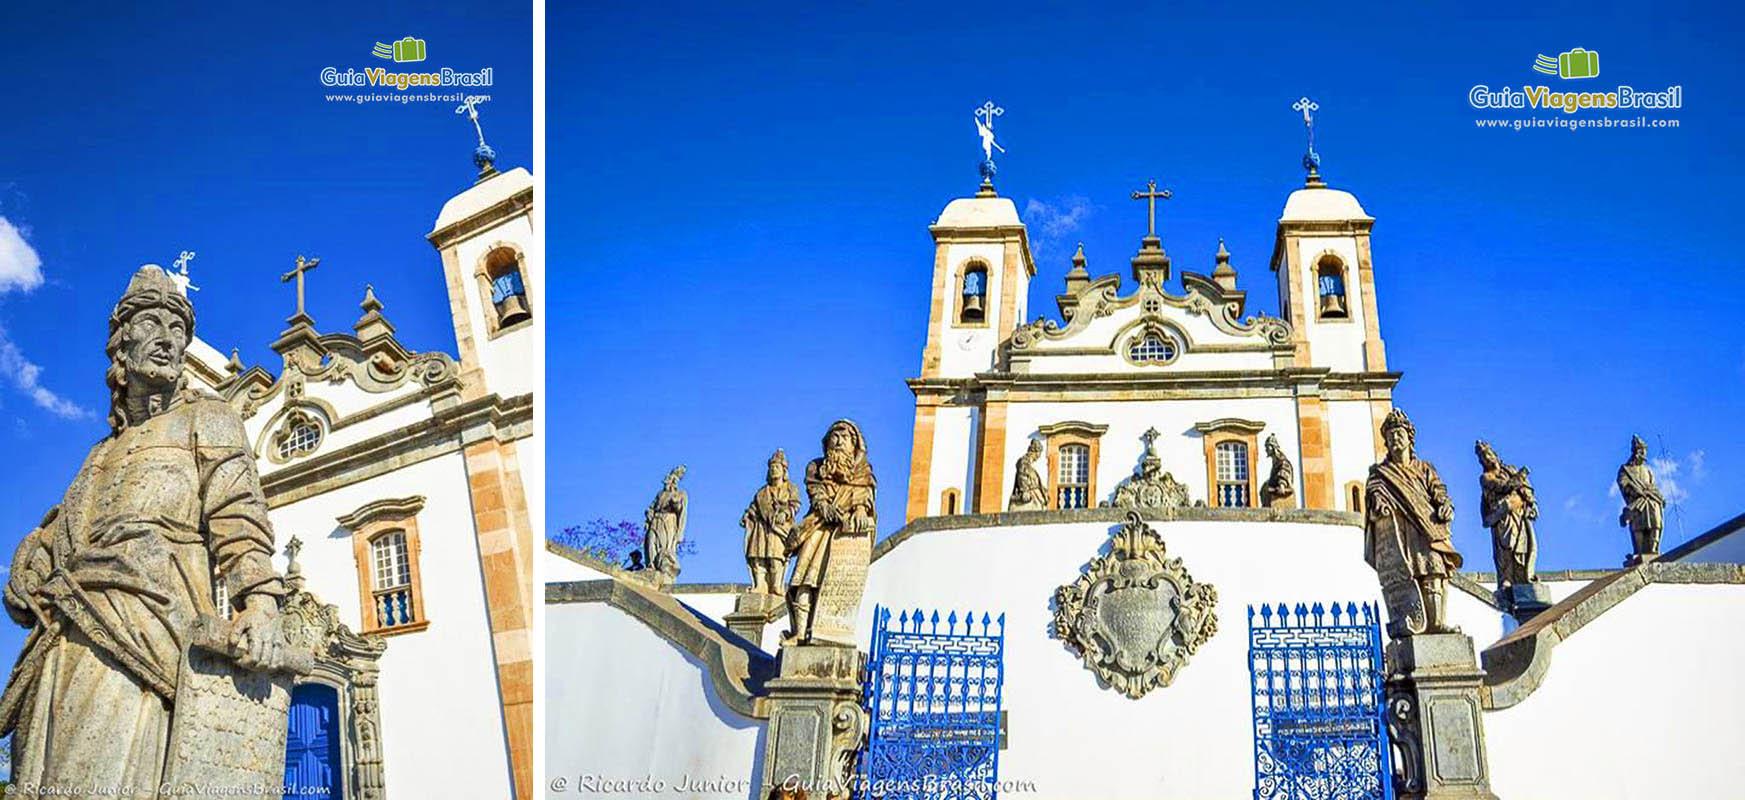 Basílica de Bom Jesus dos Matosinhos, em Congonhas, Minas Gerais, foi reconhecido como Patrimônio Cultural da Humanidade pela Unesco em 1985. - Fotos de Ricardo Junior / www.ricardojuniorfotografias.com.br